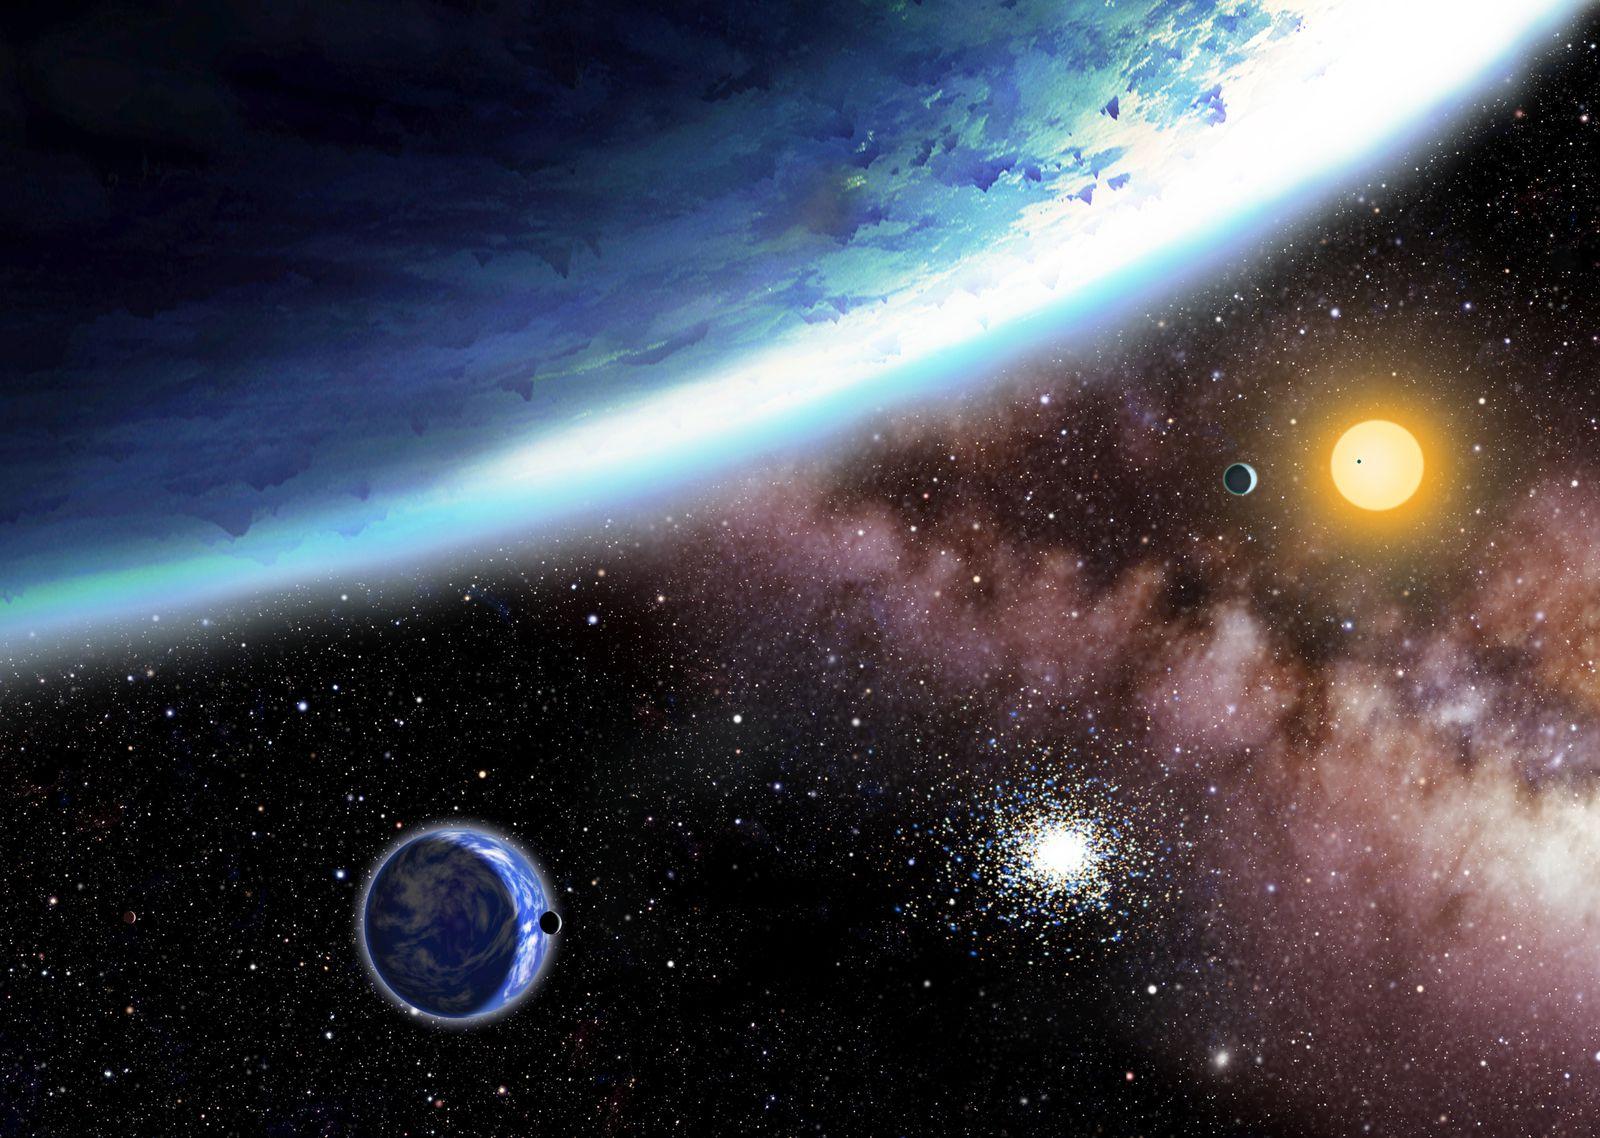 """Rappresentazione artistica del sistema Kepler-62. In primo piano, Kepler-62f, il più lontano dalla stella dei cinque pianeti, visibile solo parzialmente. Kepler-62e, in basso a sinistra, è mostrato in compagnia di un'ipotetica luna. <span class=""""di"""">Cortesia: David A. Aguilar (CfA)</span>"""